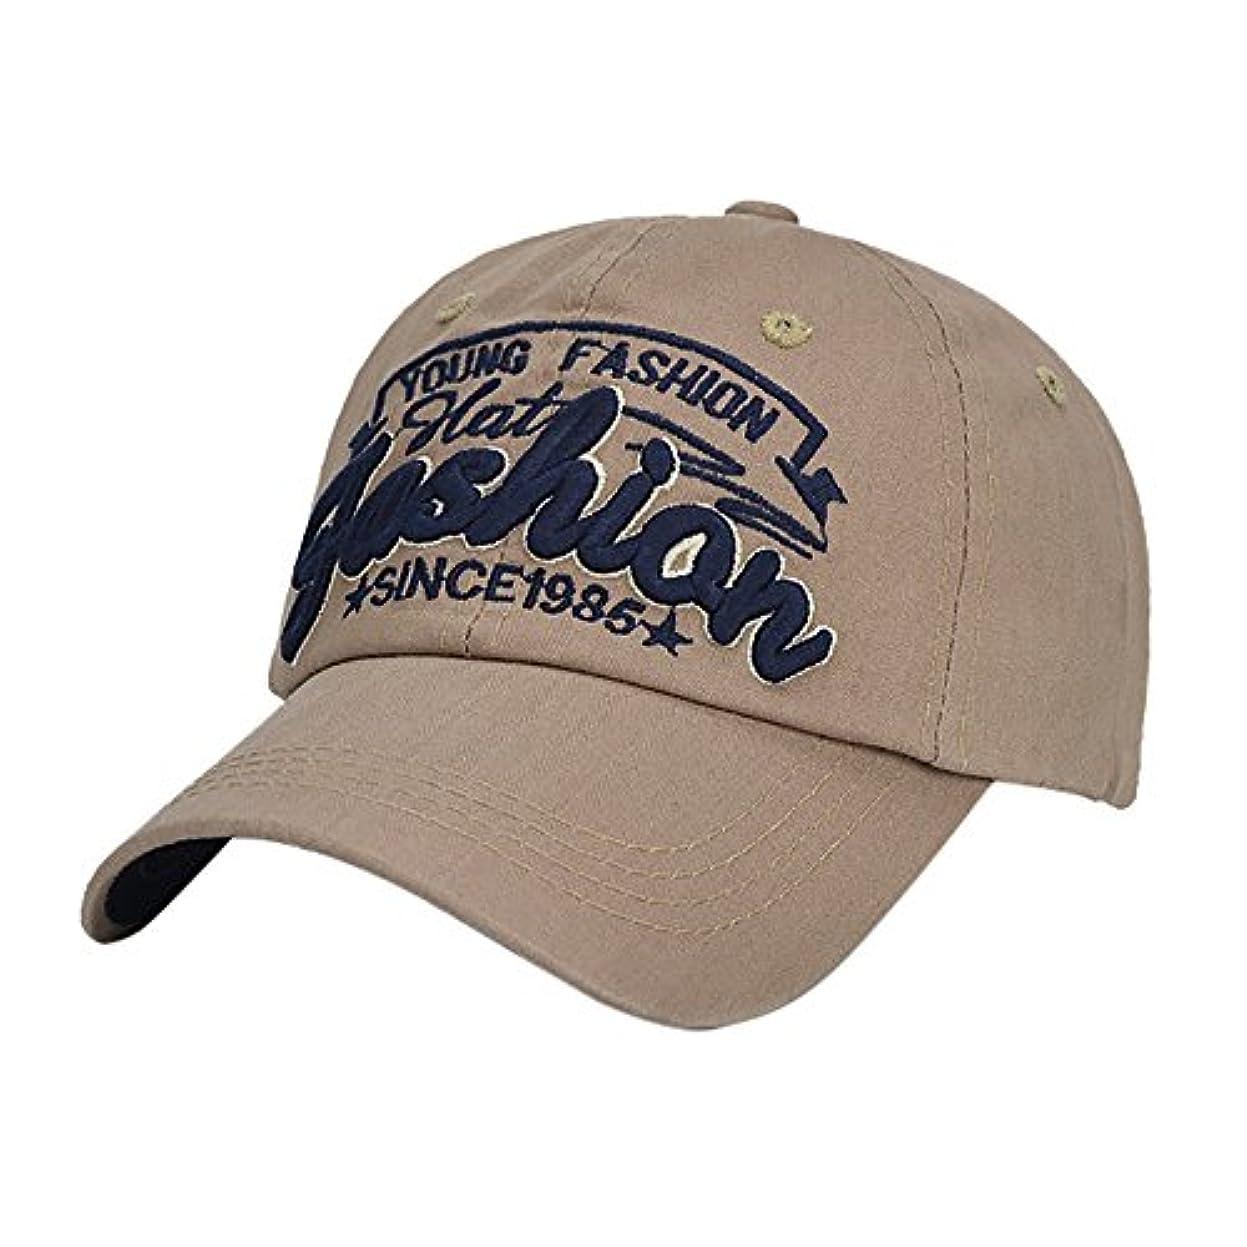 多くの危険がある状況妨げる間欠Racazing Cap ヒップホップ 野球帽 ストリートダンス 夏 登山 通気性のある 帽子 パール ビーディング 可調整可能 日焼け止め 棒球帽 UV 帽子 軽量 屋外 女性向 Hat (コーヒー)